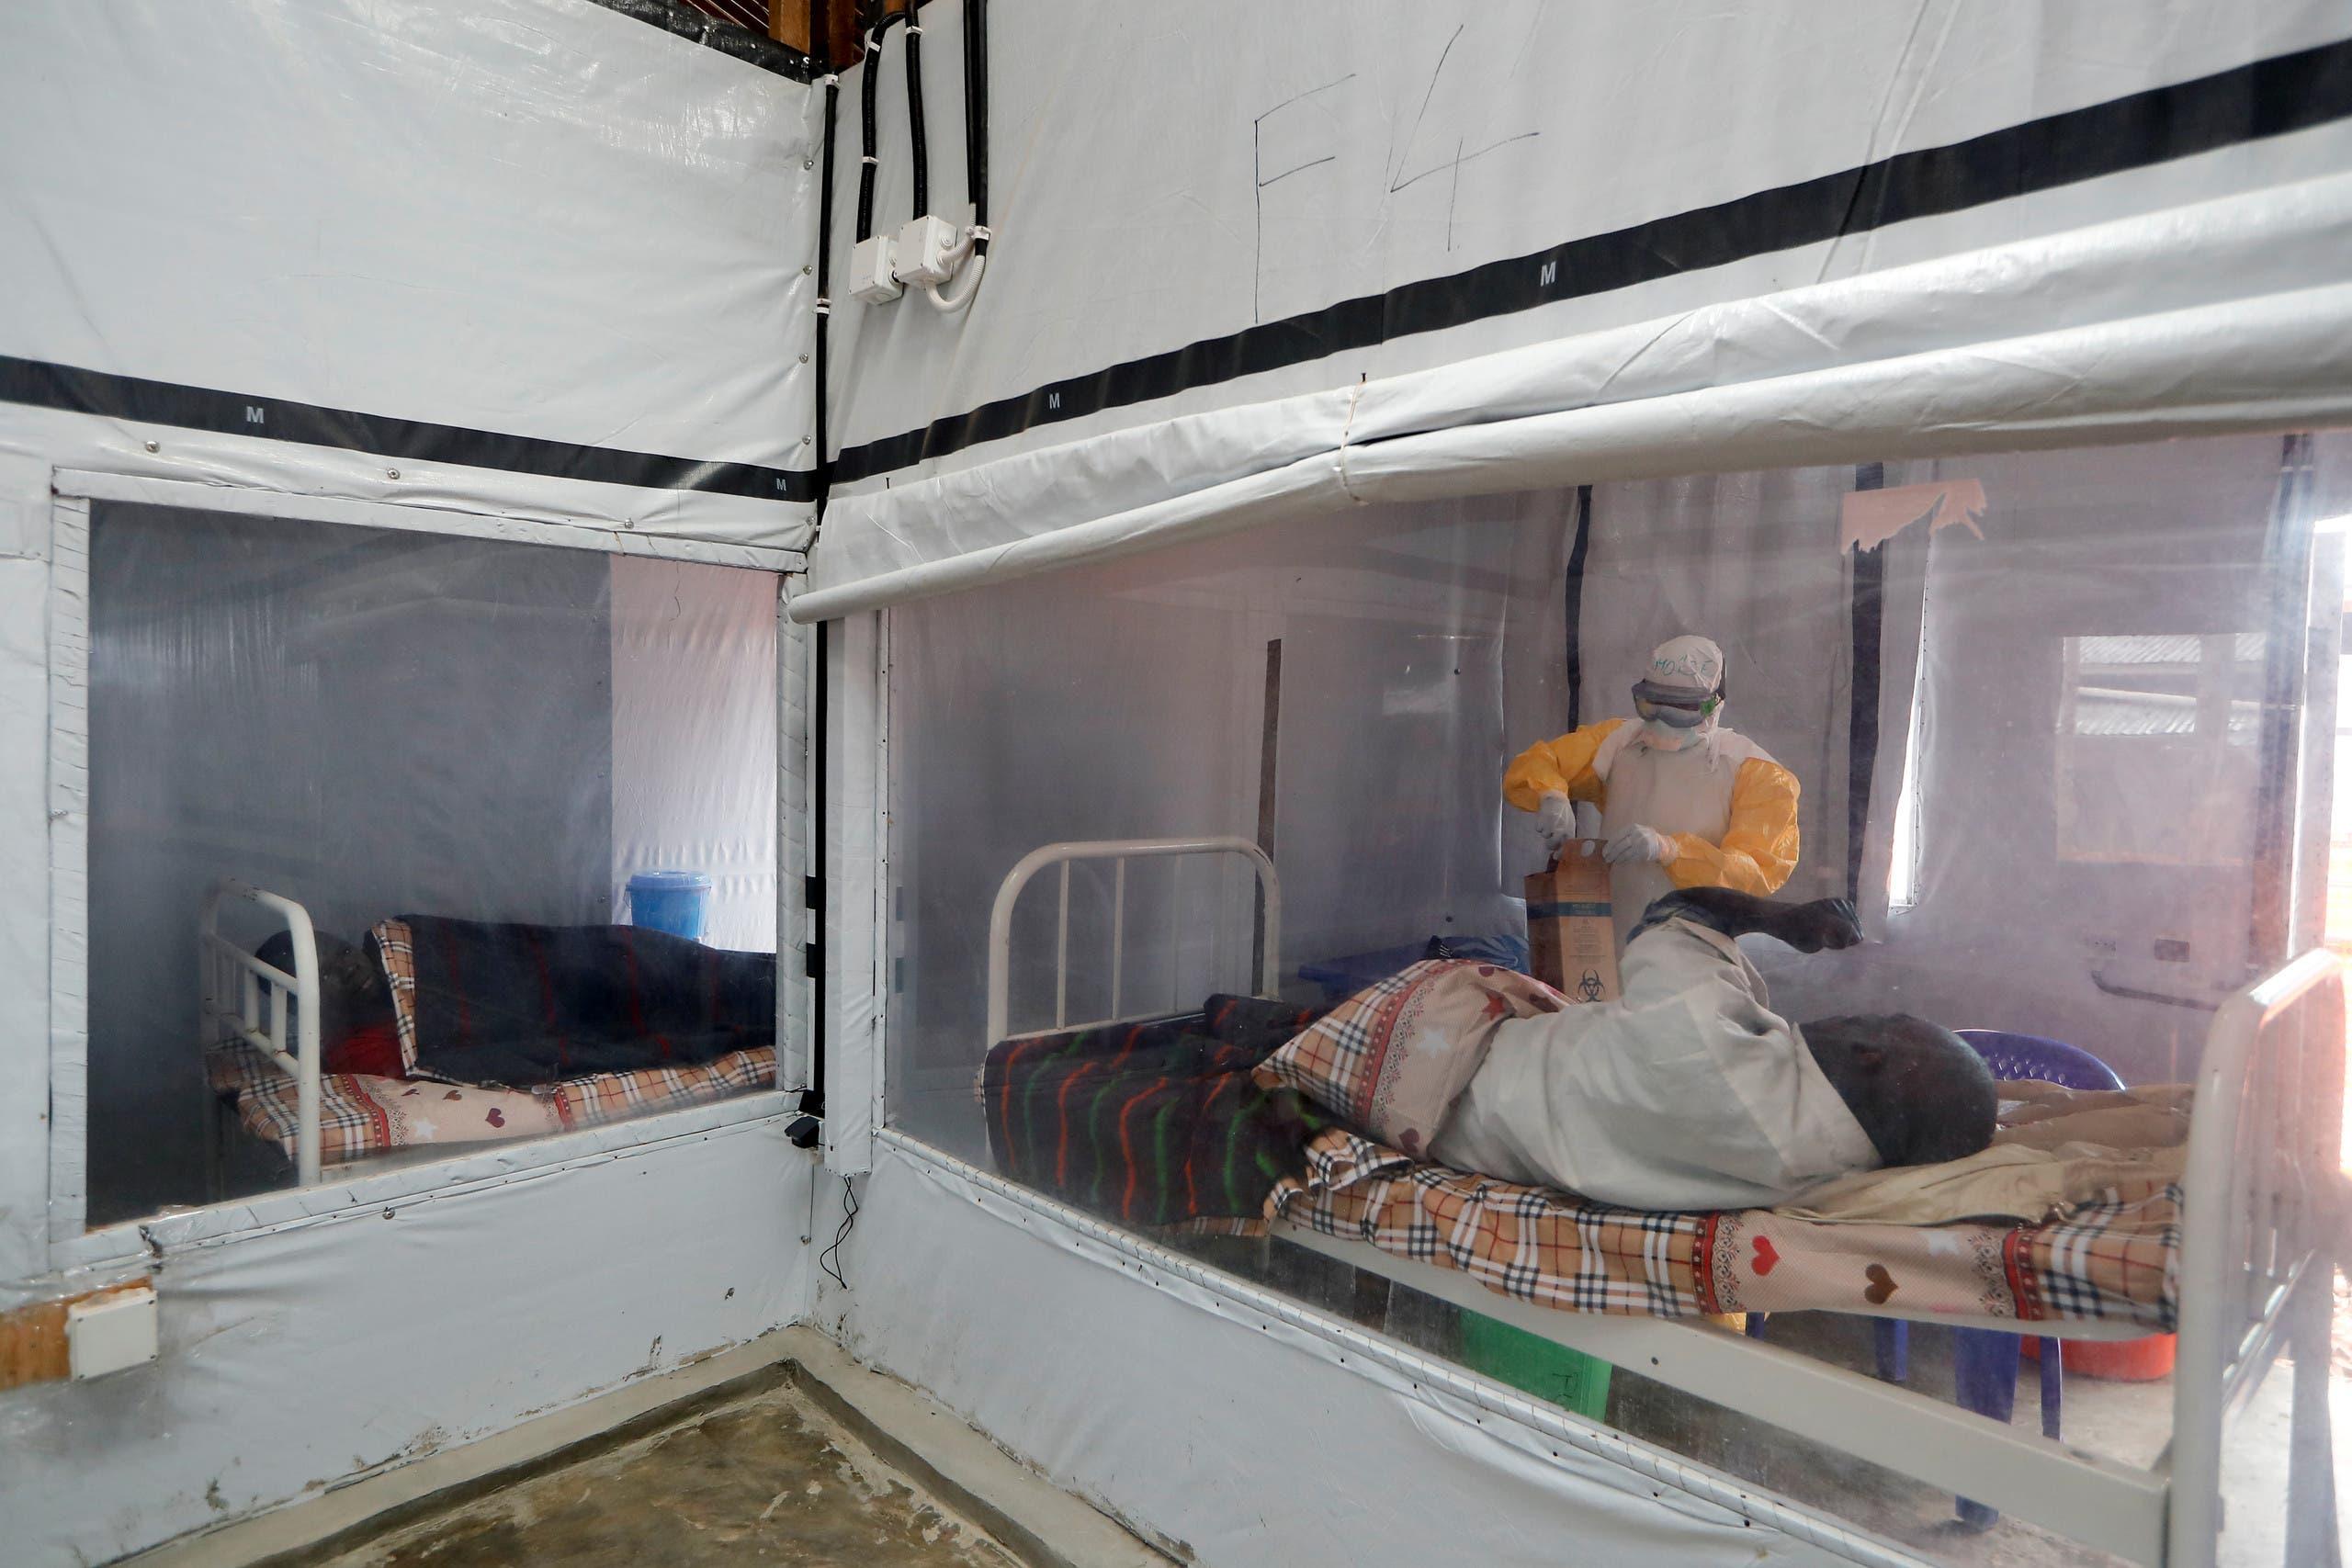 من مركز لعلاج المصابين بإيبولا في الكونغو الديمقراطية في 2019